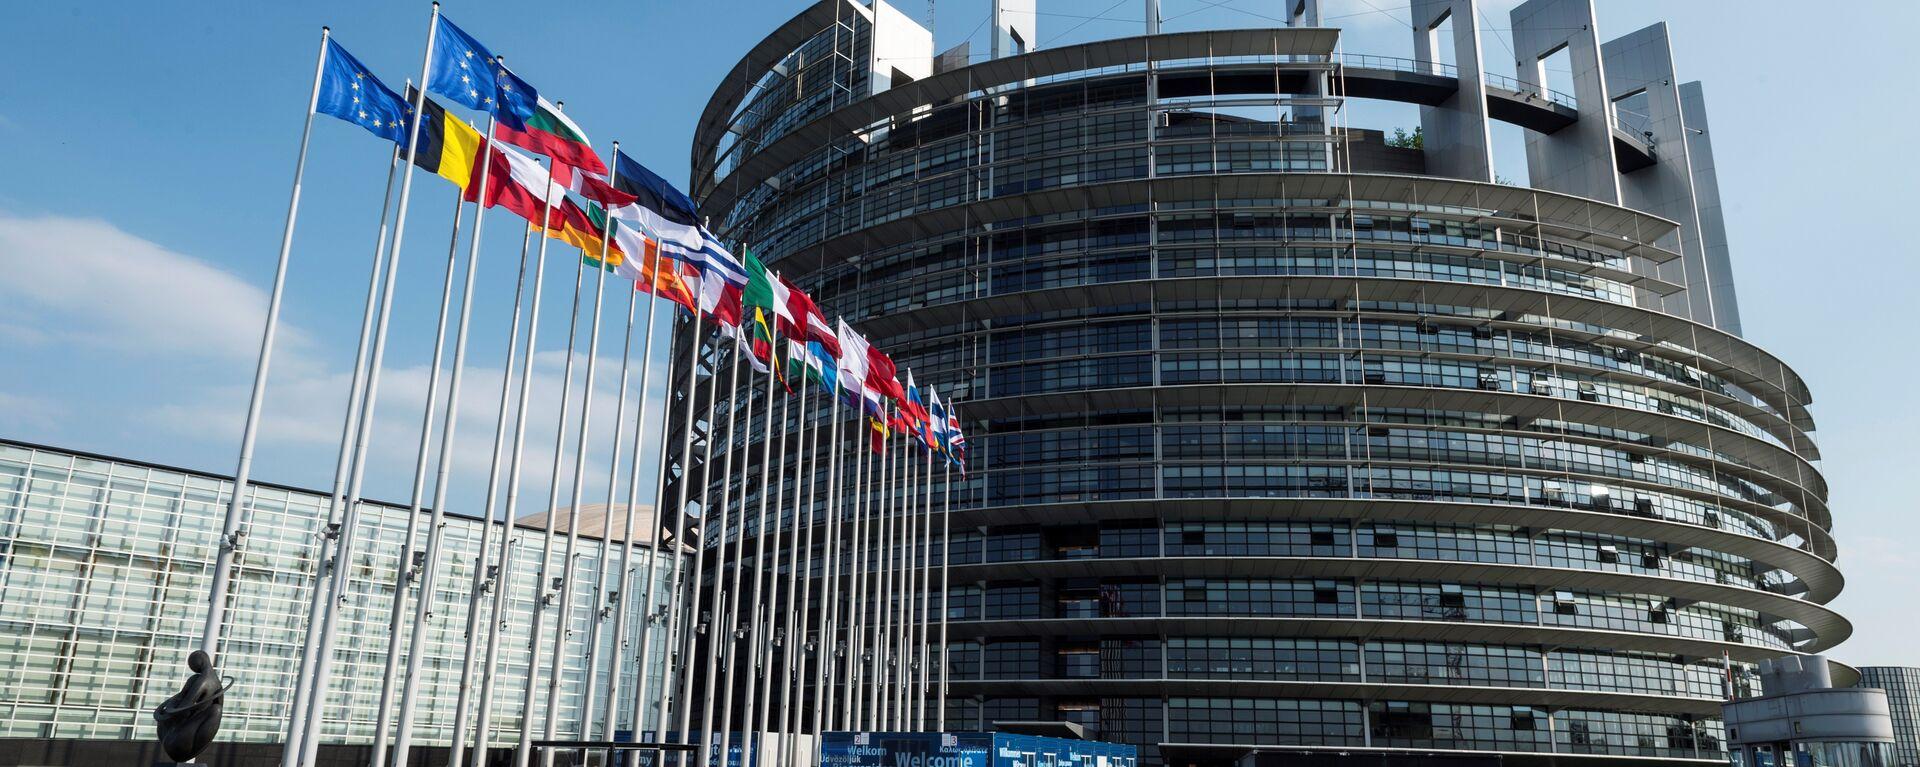 Флаги перед зданием Европейского парламента в Страсбурге - Sputnik Грузия, 1920, 04.06.2021